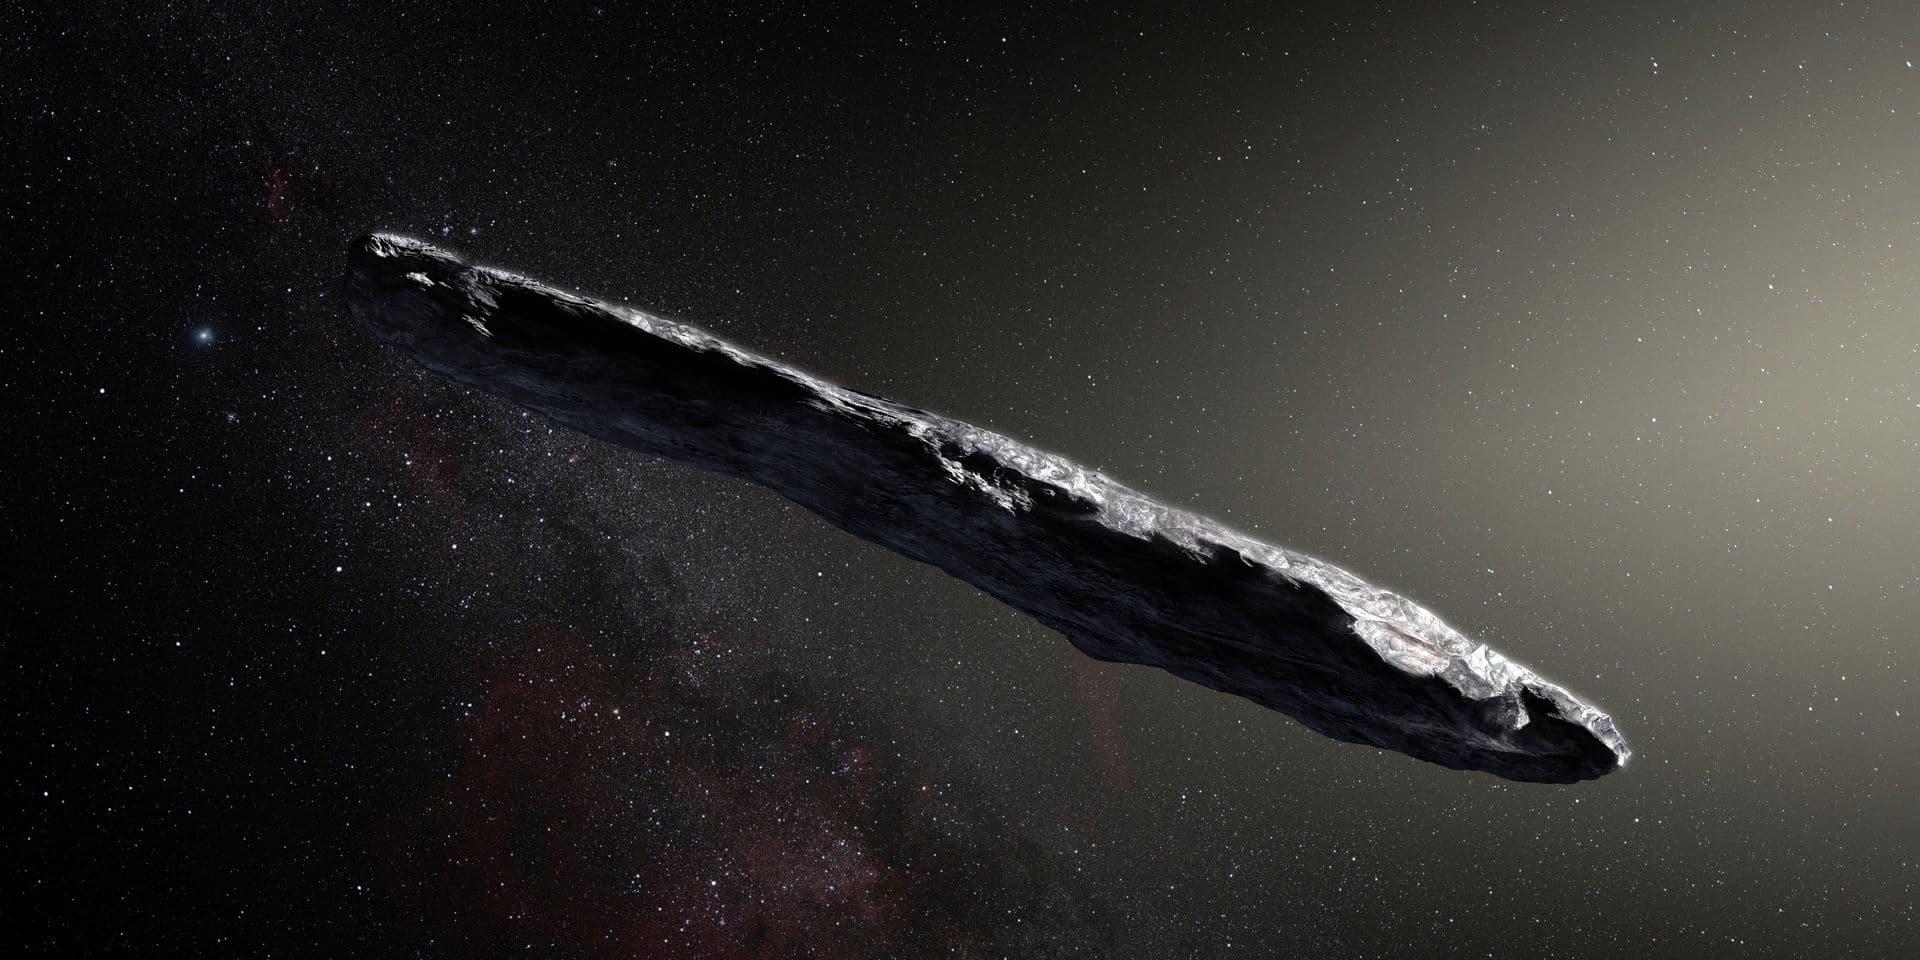 Cette vue d'artiste d'Oumuamua date de 2017. Sa particularité est qu'il a une forme très allongée ou aplatie (rapport de 1 sur 6).